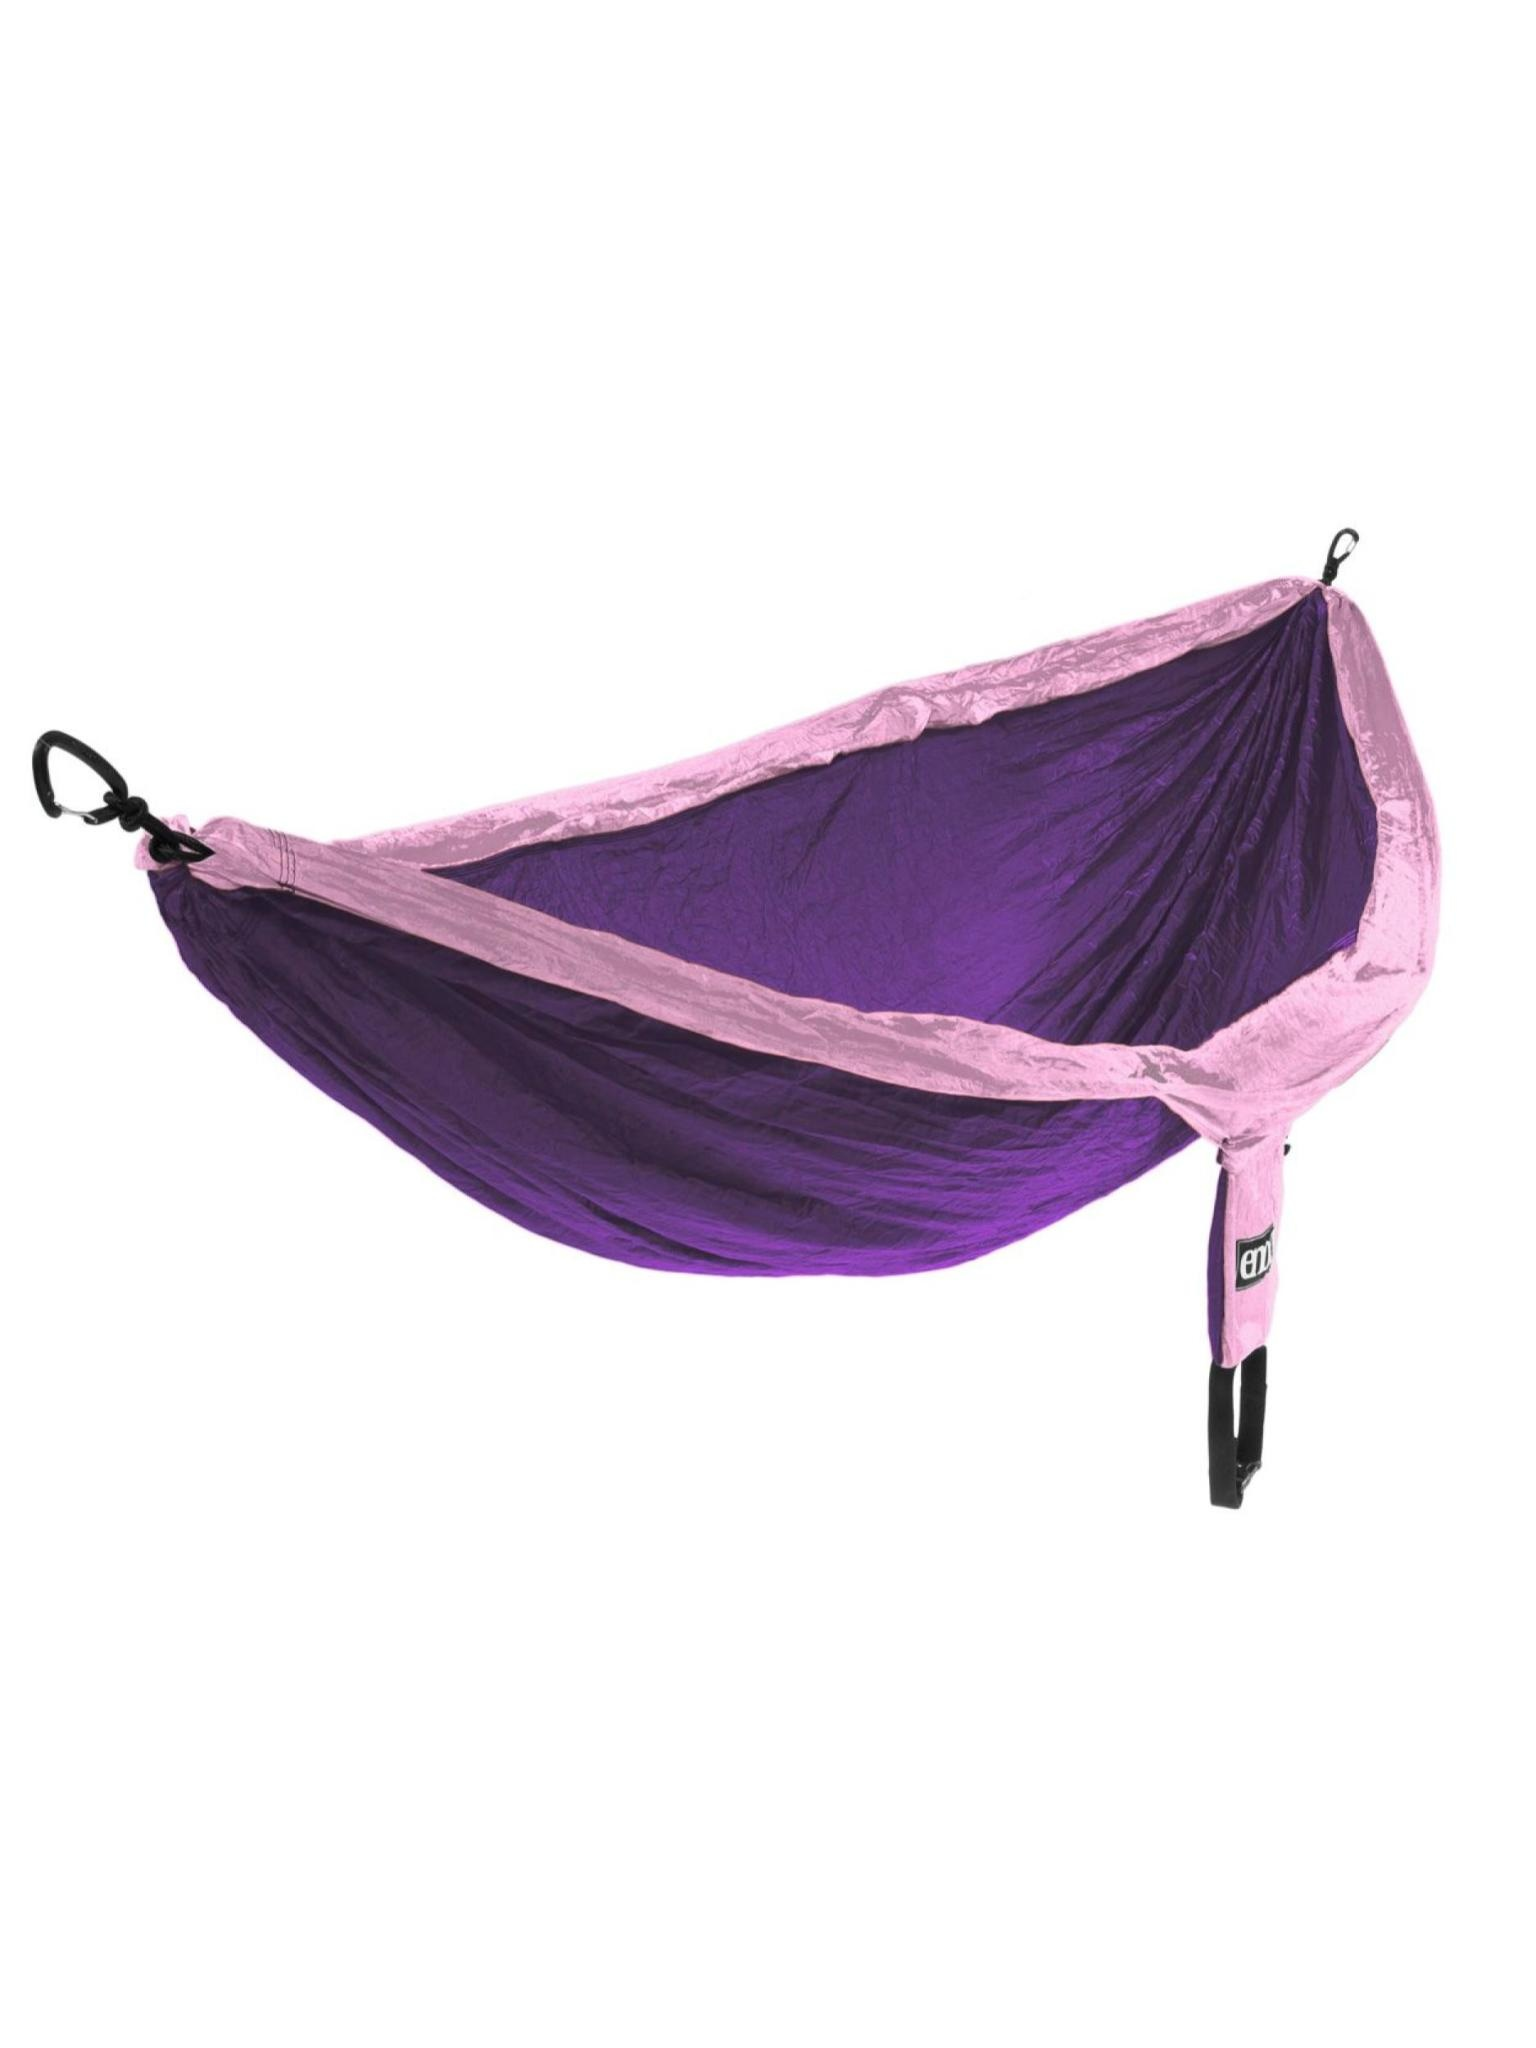 ENO DoubleNest Hammock Lavender/Violet